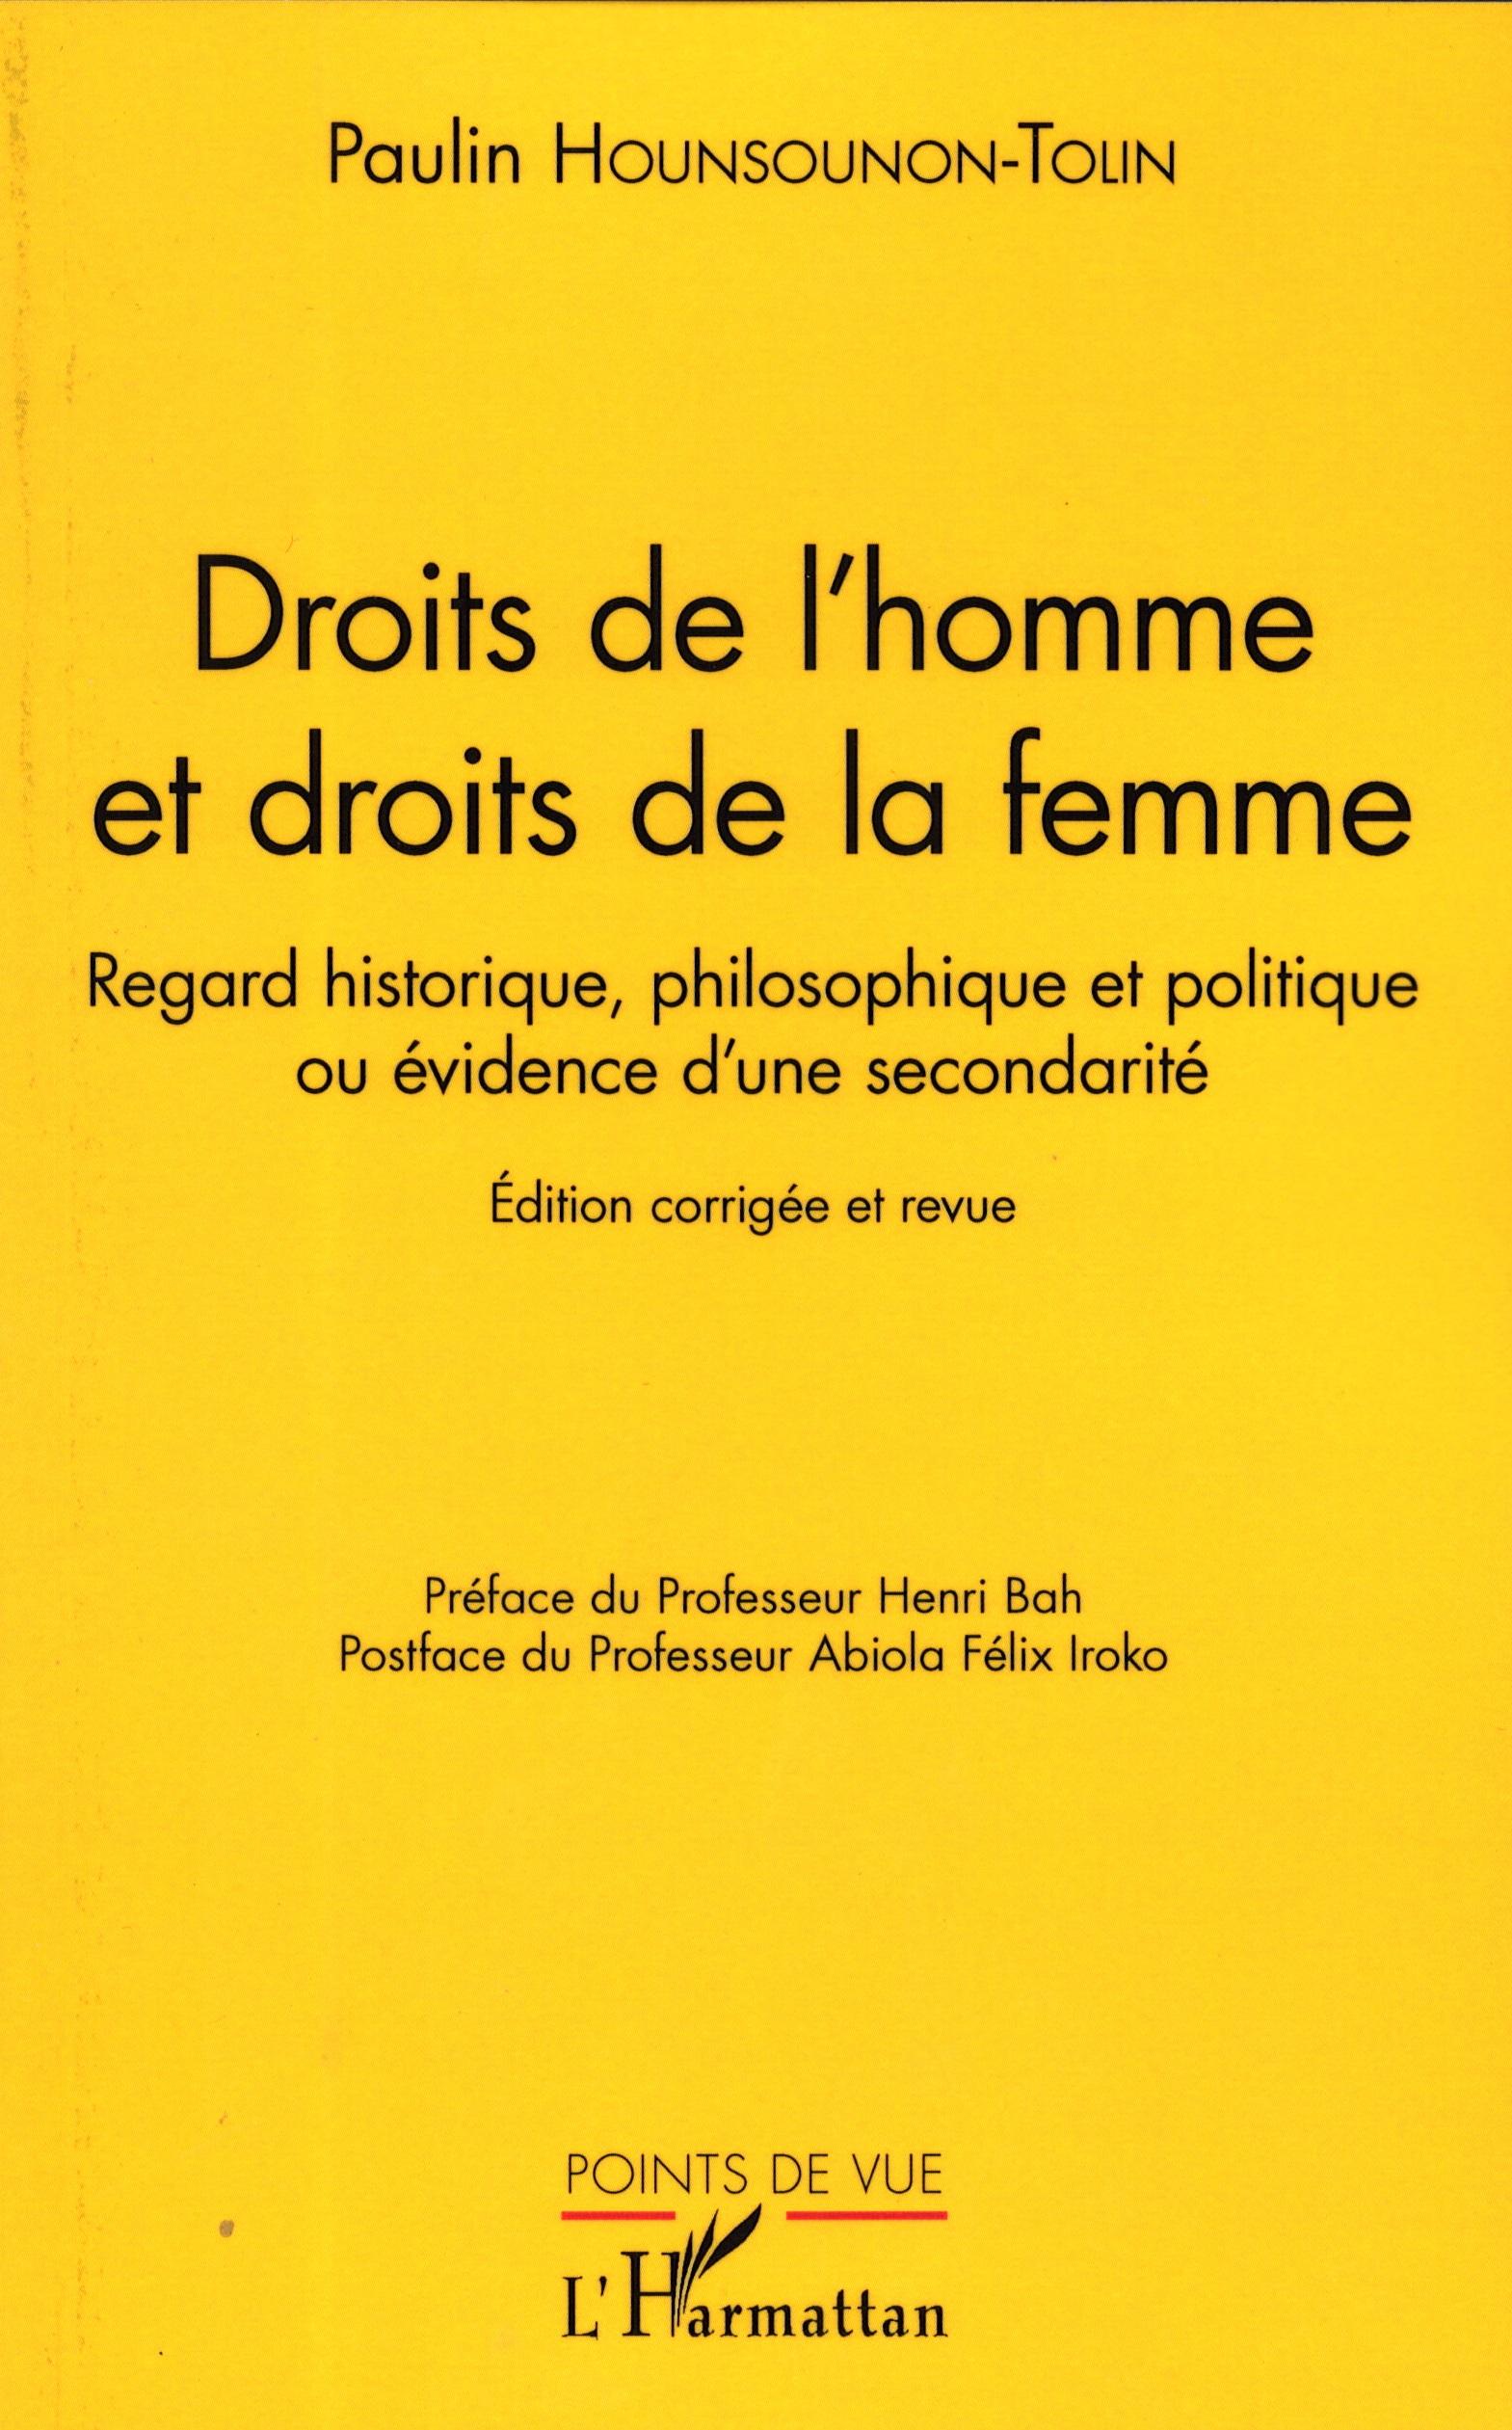 HISTORIQUE DES DROITS DE L HOMME EBOOK DOWNLOAD